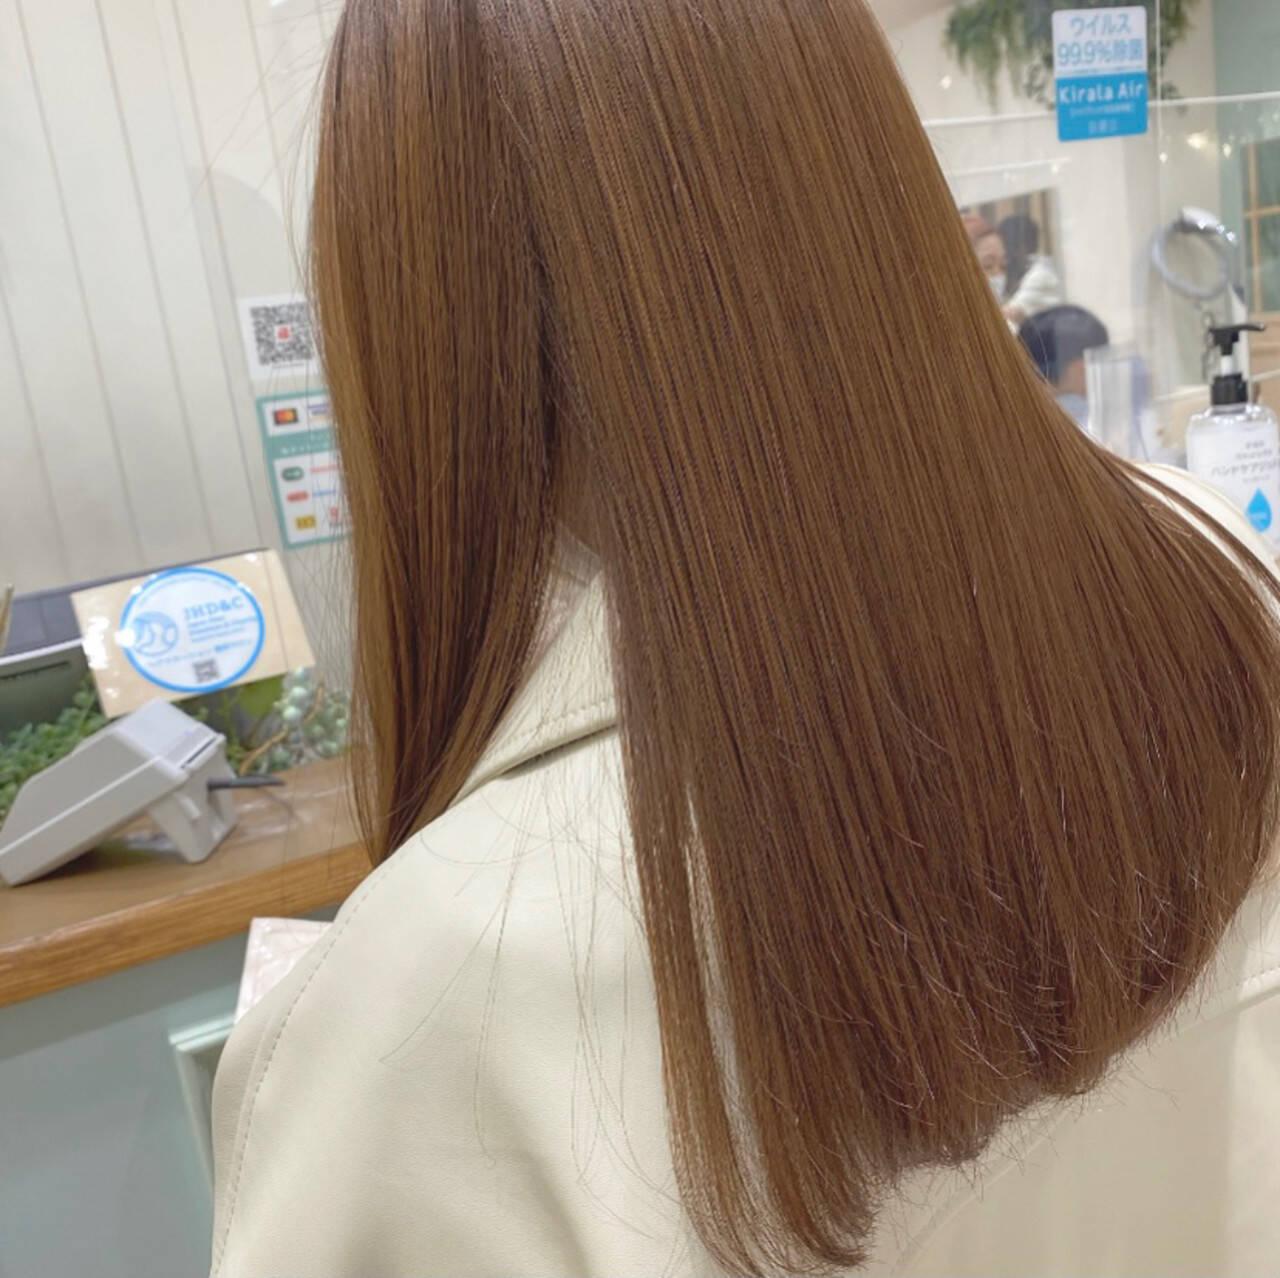 モテ髪 透け感ヘア トリートメント 髪質改善トリートメントヘアスタイルや髪型の写真・画像